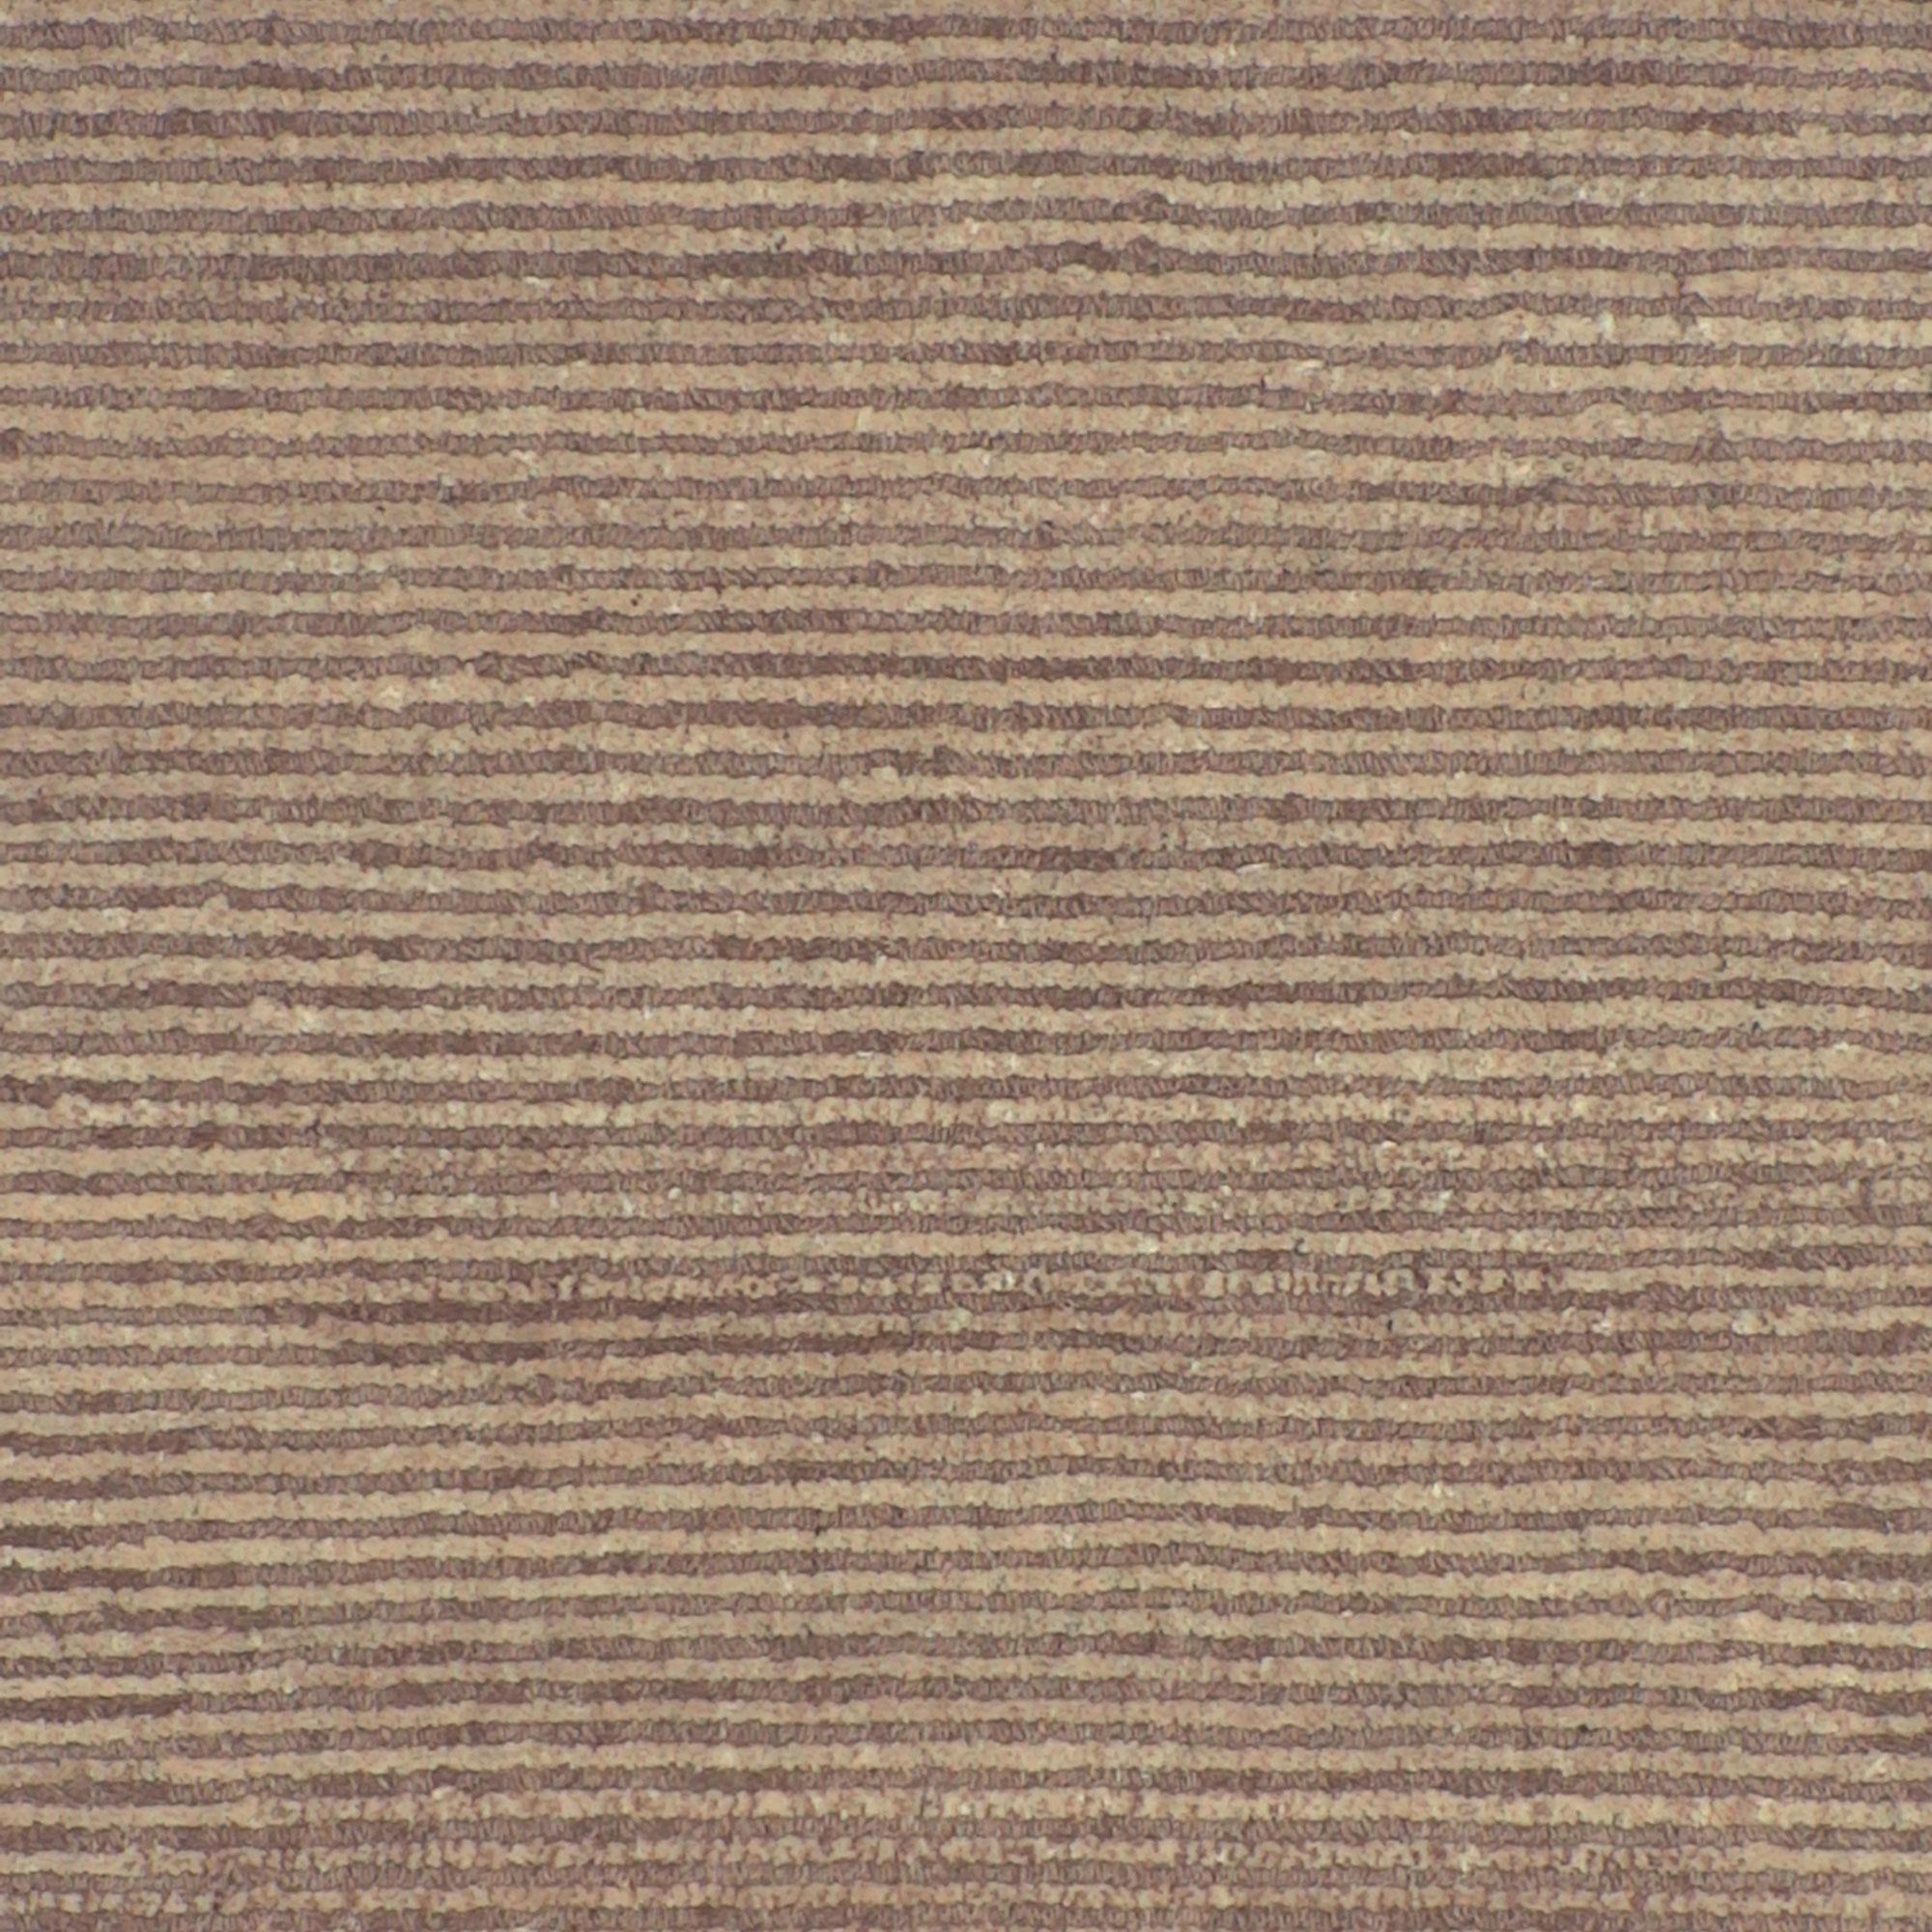 Boheme-tan-200x300_closeup